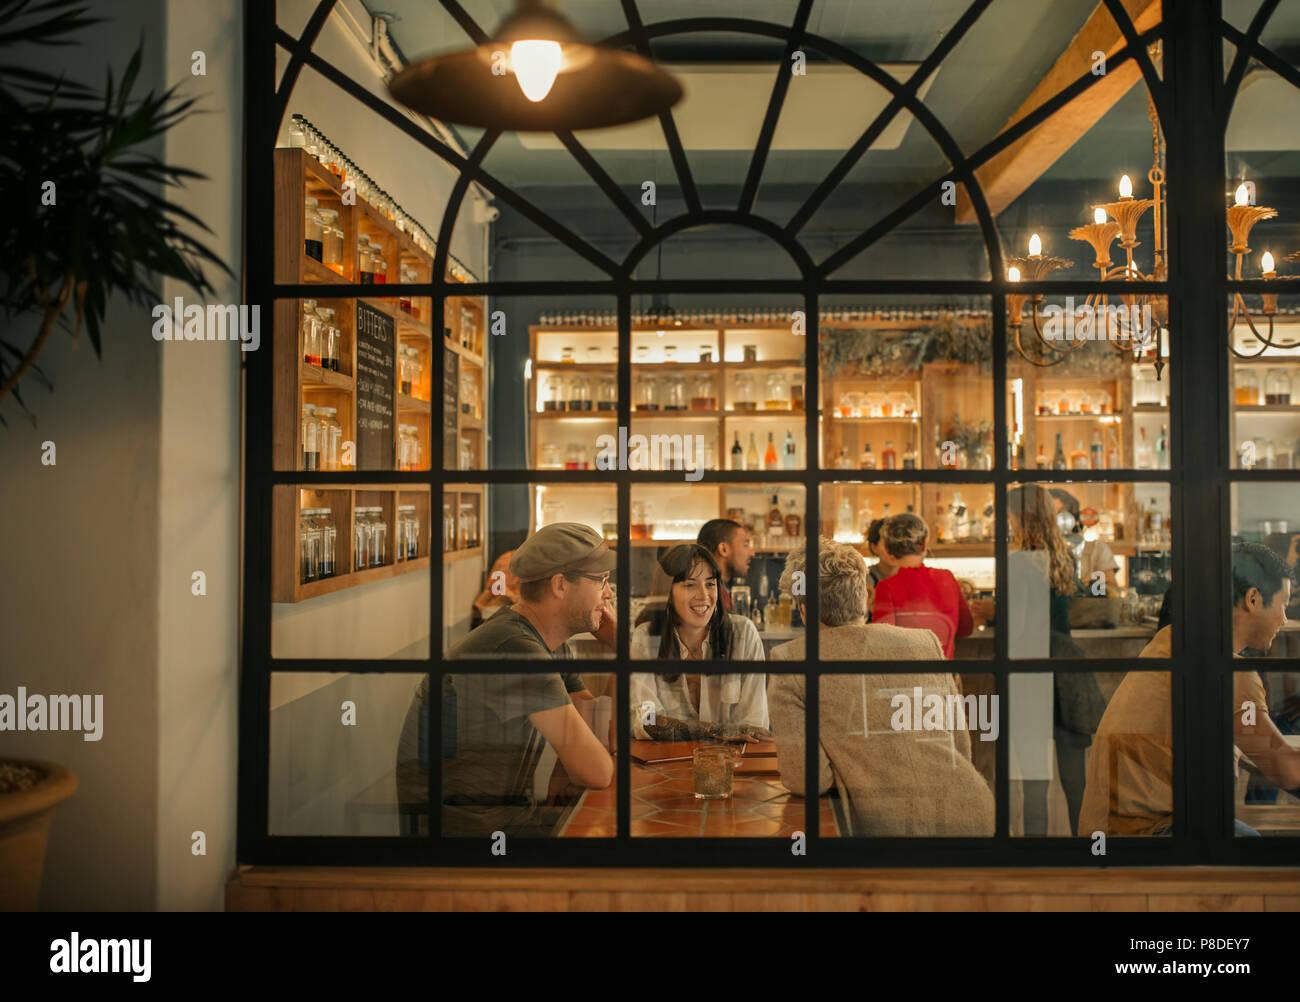 Sonriente joven amigos sentados juntos dentro de un bar de moda Imagen De Stock